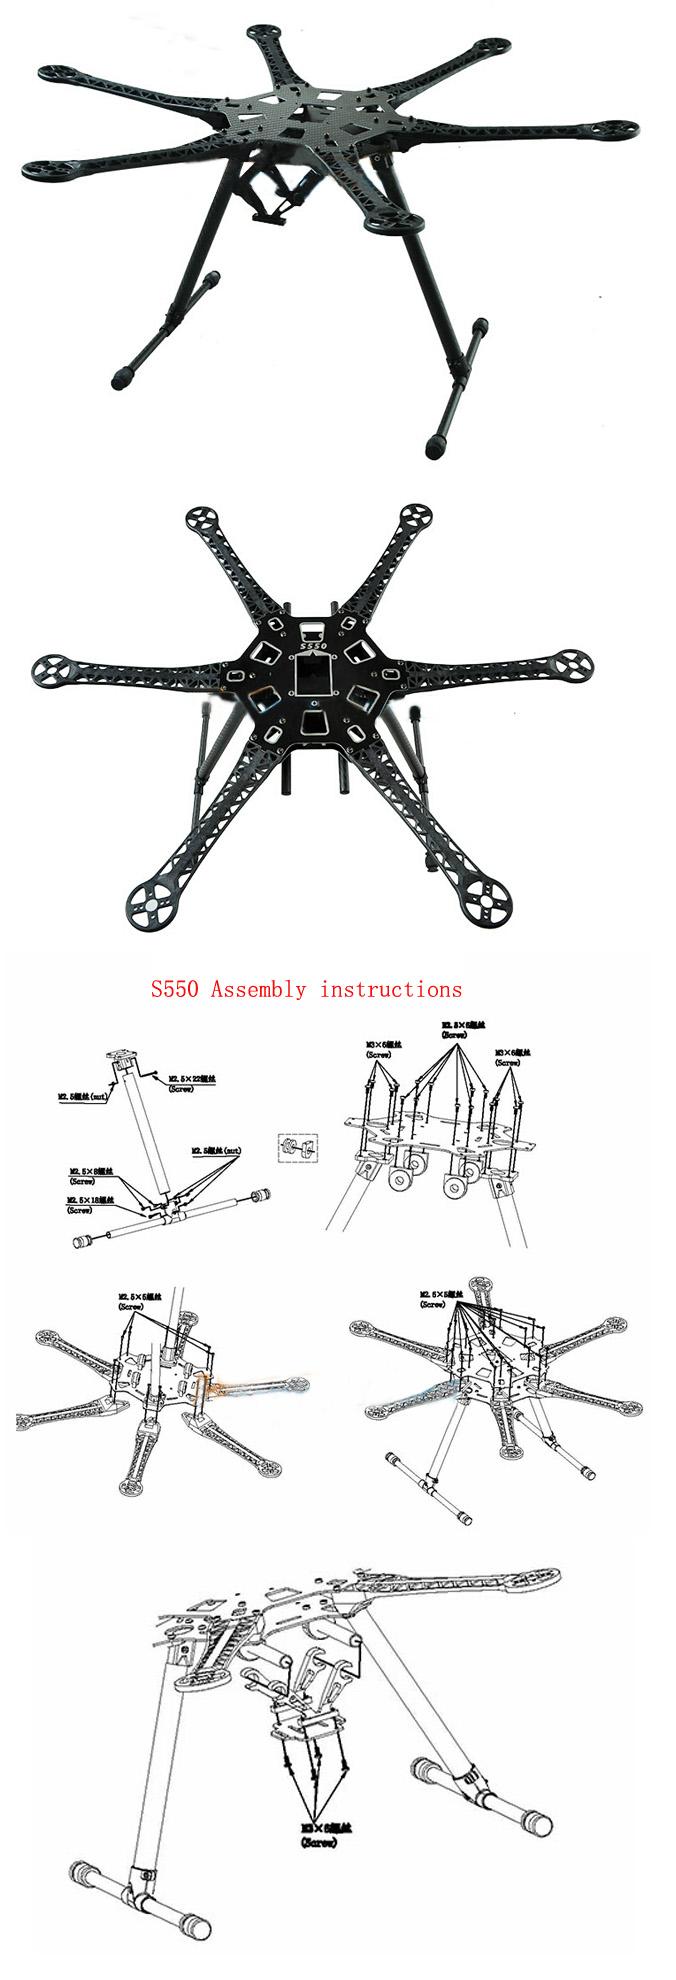 hmf-s550-fpv-hexacopter-frame-01